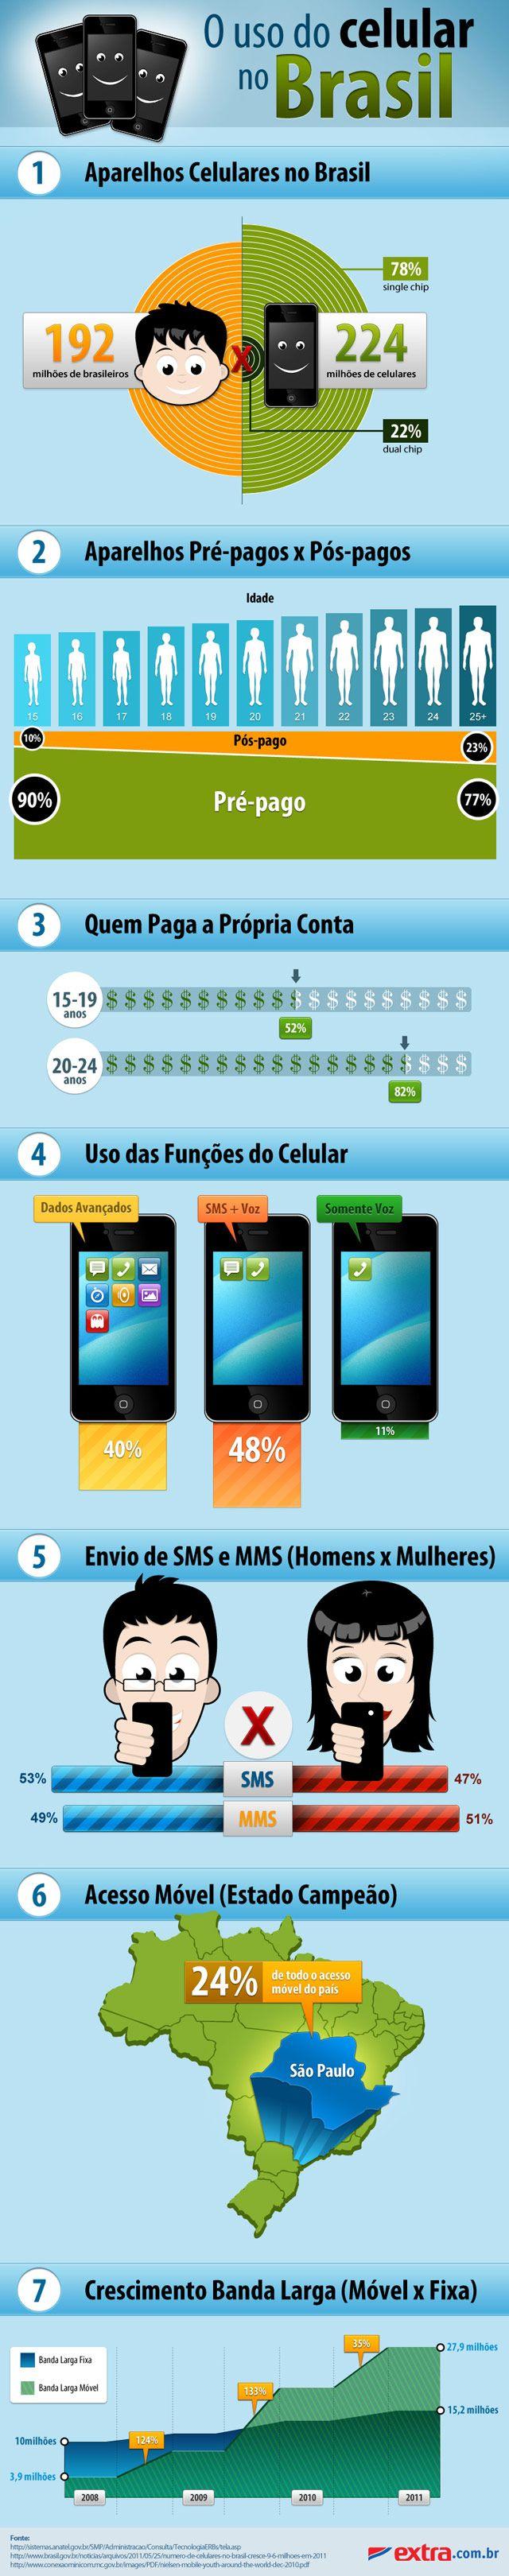 Cenário atual sobre o uso do celular no Brasil #Infografico